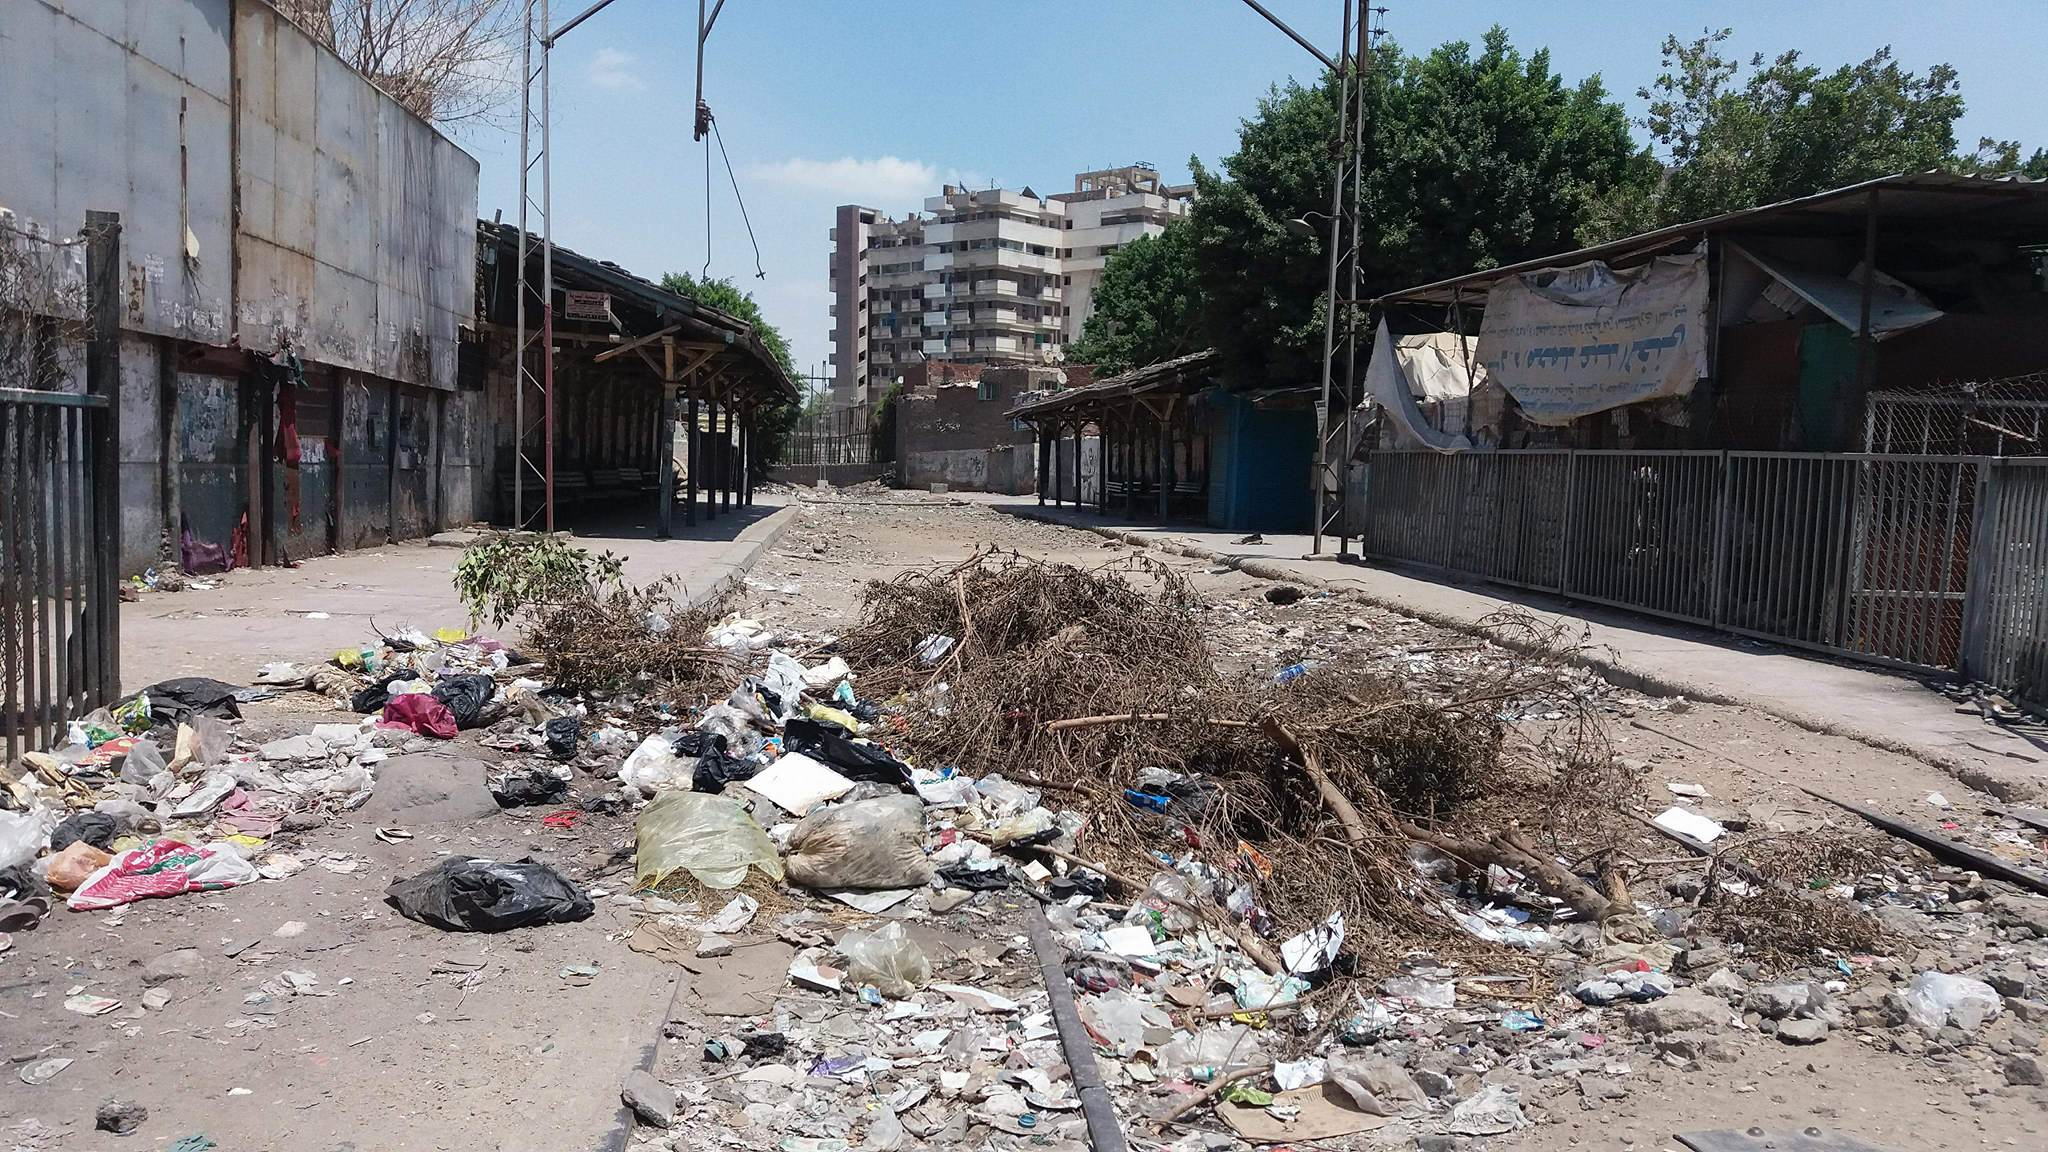 محطات تروماى مصر الجديدة